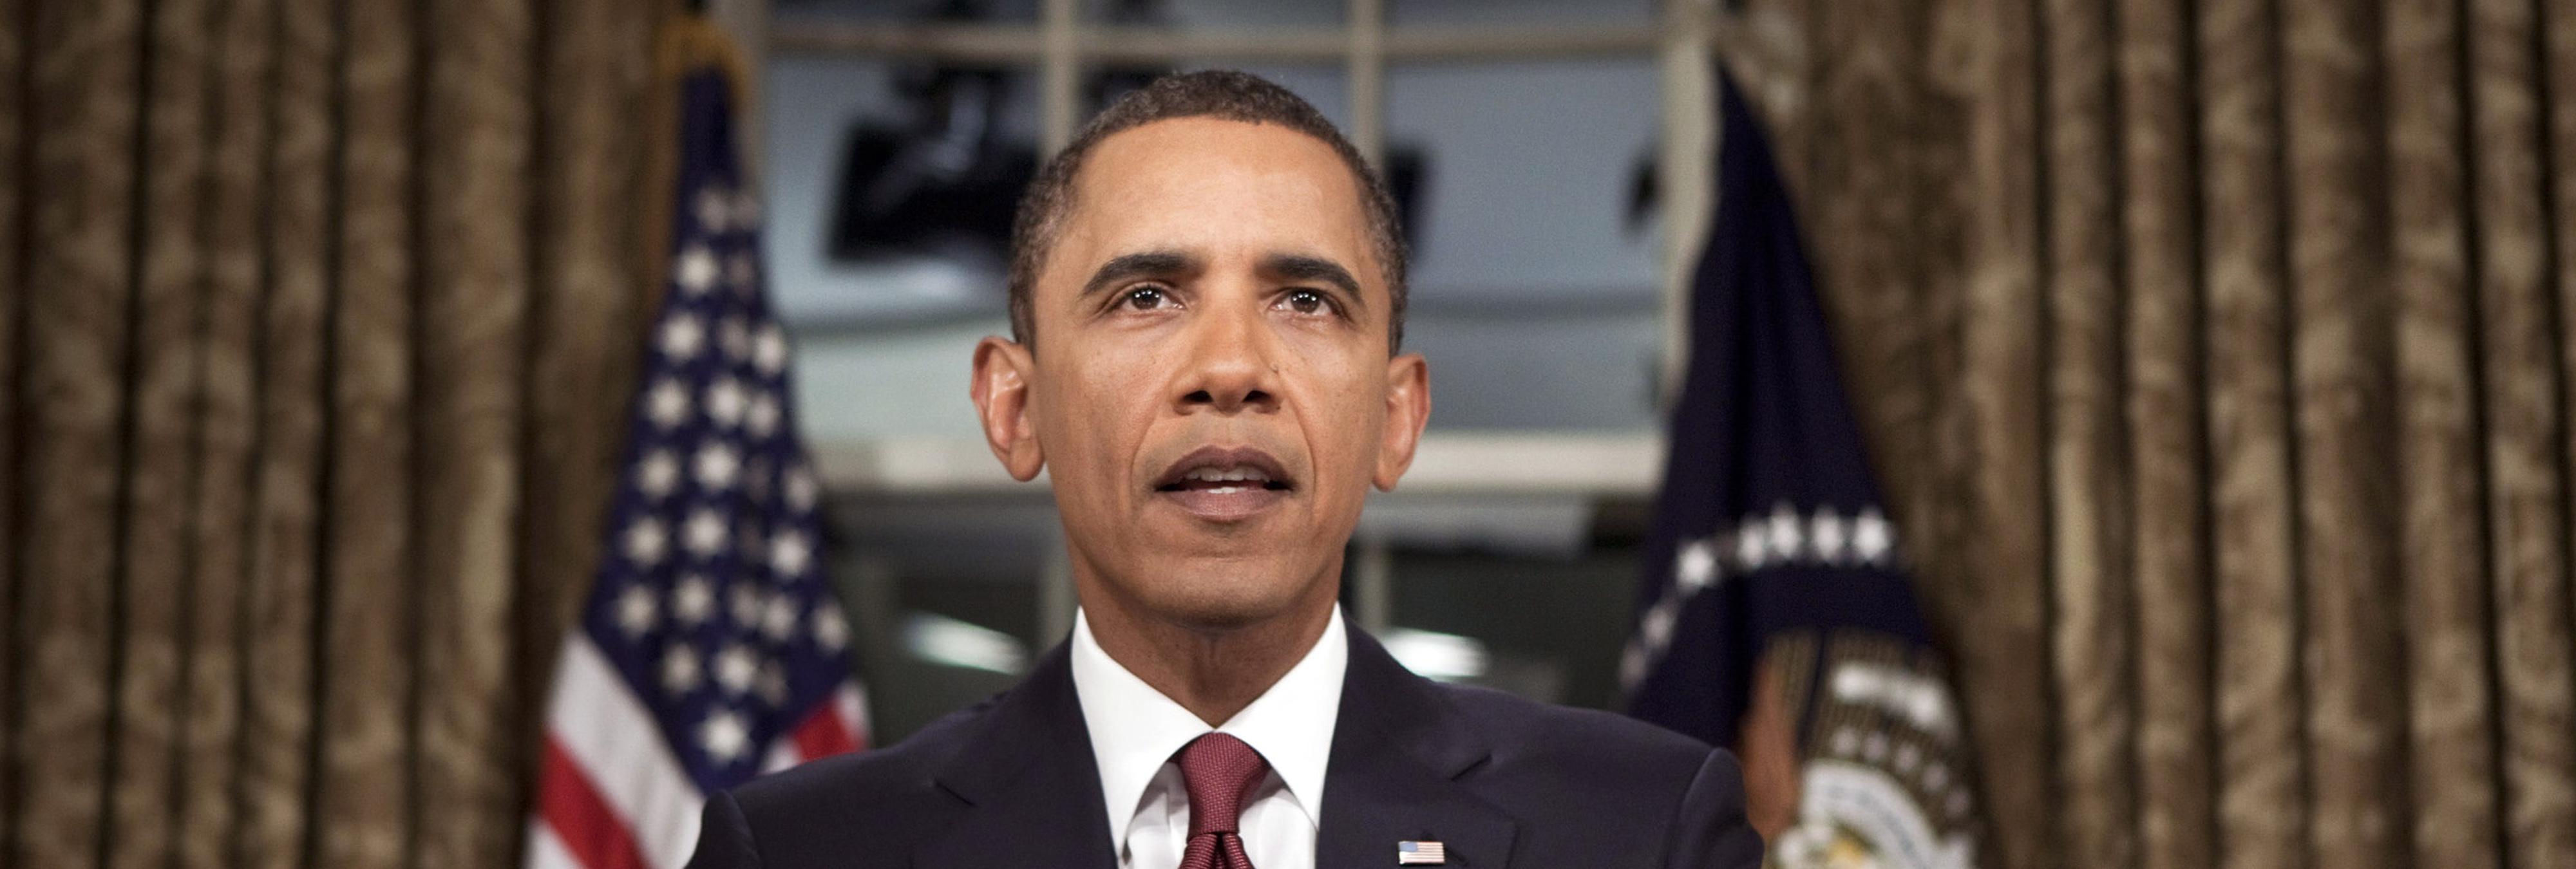 Obama deja alto el listón para Trump: ha sido el presidente con más deportaciones en 30 años